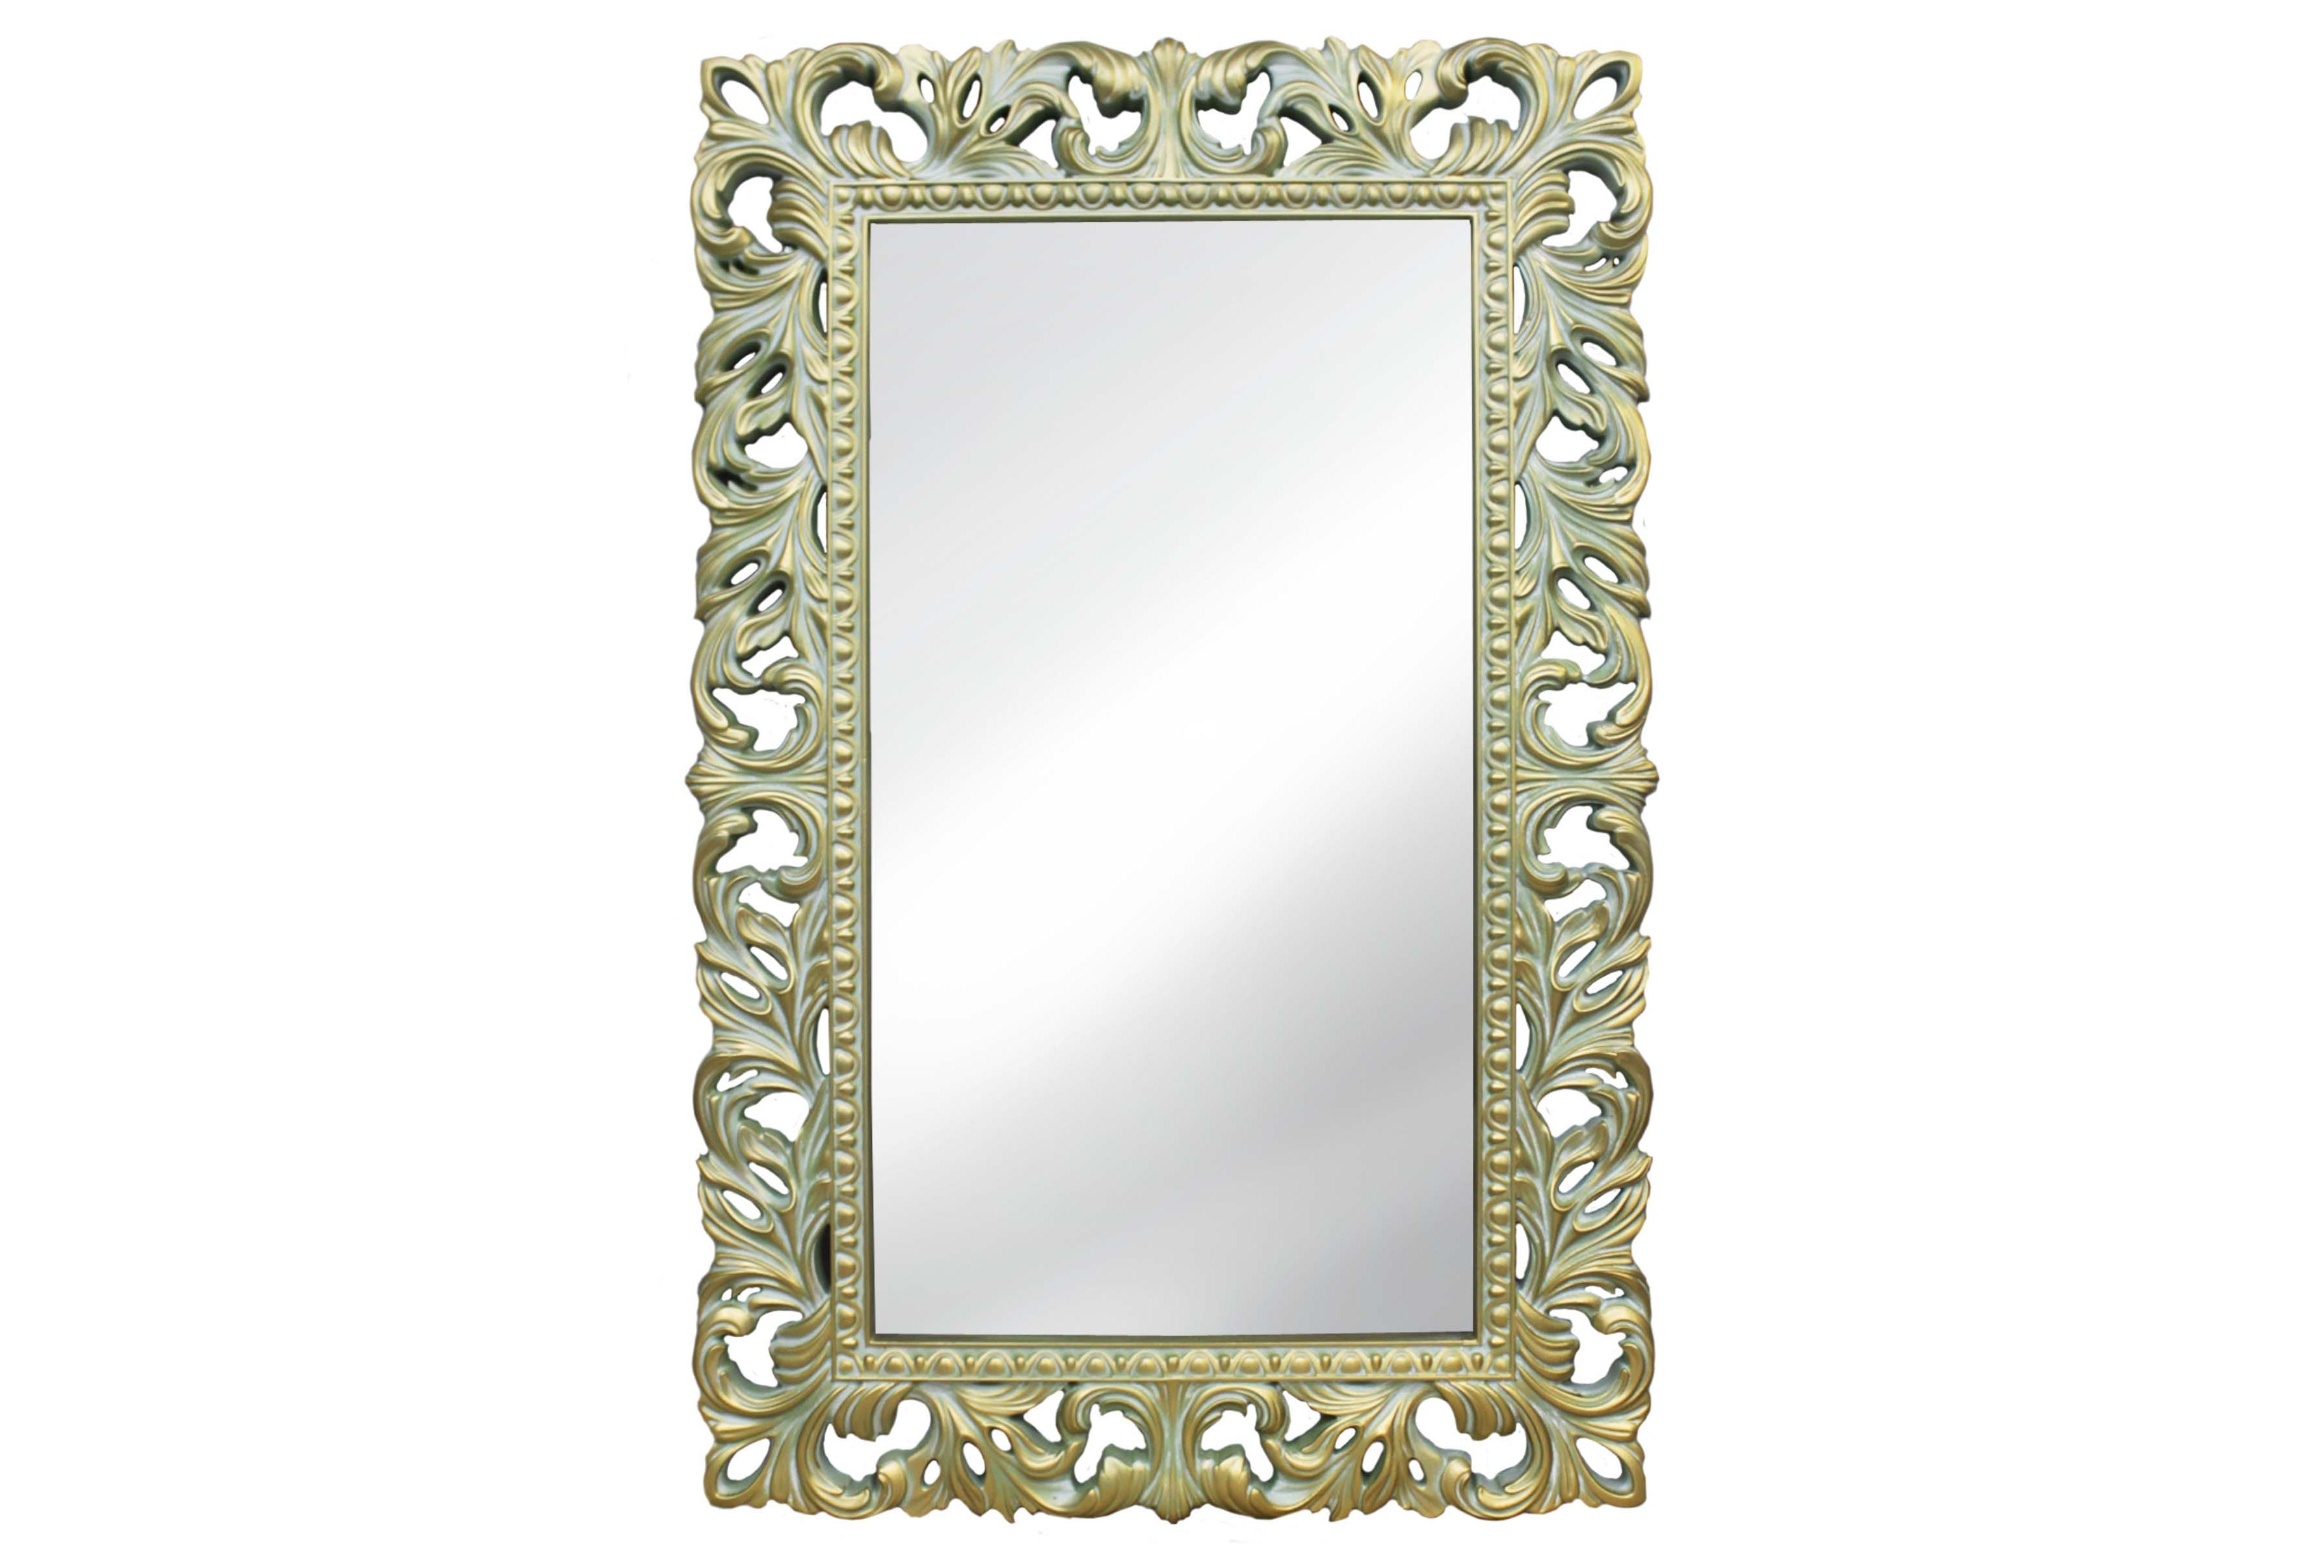 Интерьерное Итальянское зеркалоНастенные зеркала<br>Это зеркало в резной винтажной раме выделяется очень нежным, мягким цветовым решением. Сочетание светлого оливкового оттенка с благородной патиной дополняет роскошная позолота. Рама выполнена из полиуретана ? достаточно жесткого и долговечного, ставшего в короткий срок любимым материалом известных мастеров. Поверхность влагоустойчива, поэтому зеркало можно повесить в ванной.&amp;lt;div&amp;gt;&amp;lt;span style=&amp;quot;line-height: 37.5374px;&amp;quot;&amp;gt;Исполнение: Олива Золото Патина&amp;lt;/span&amp;gt;&amp;lt;/div&amp;gt;<br><br>Material: Полиуретан<br>Ширина см: 63<br>Высота см: 95<br>Глубина см: 4